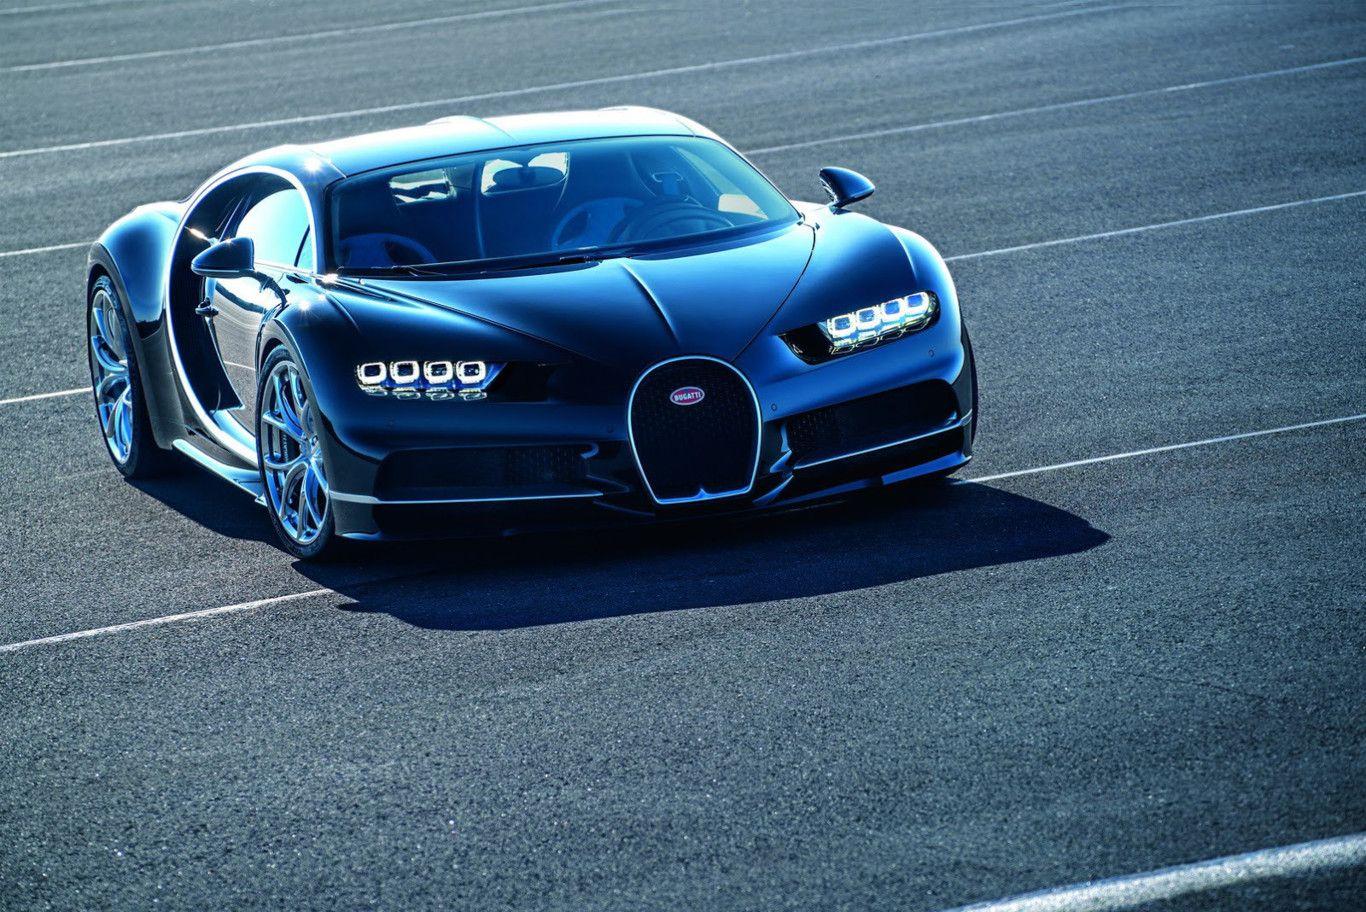 Perspectiva frontal y semi-lateral del Bugatti Chiron